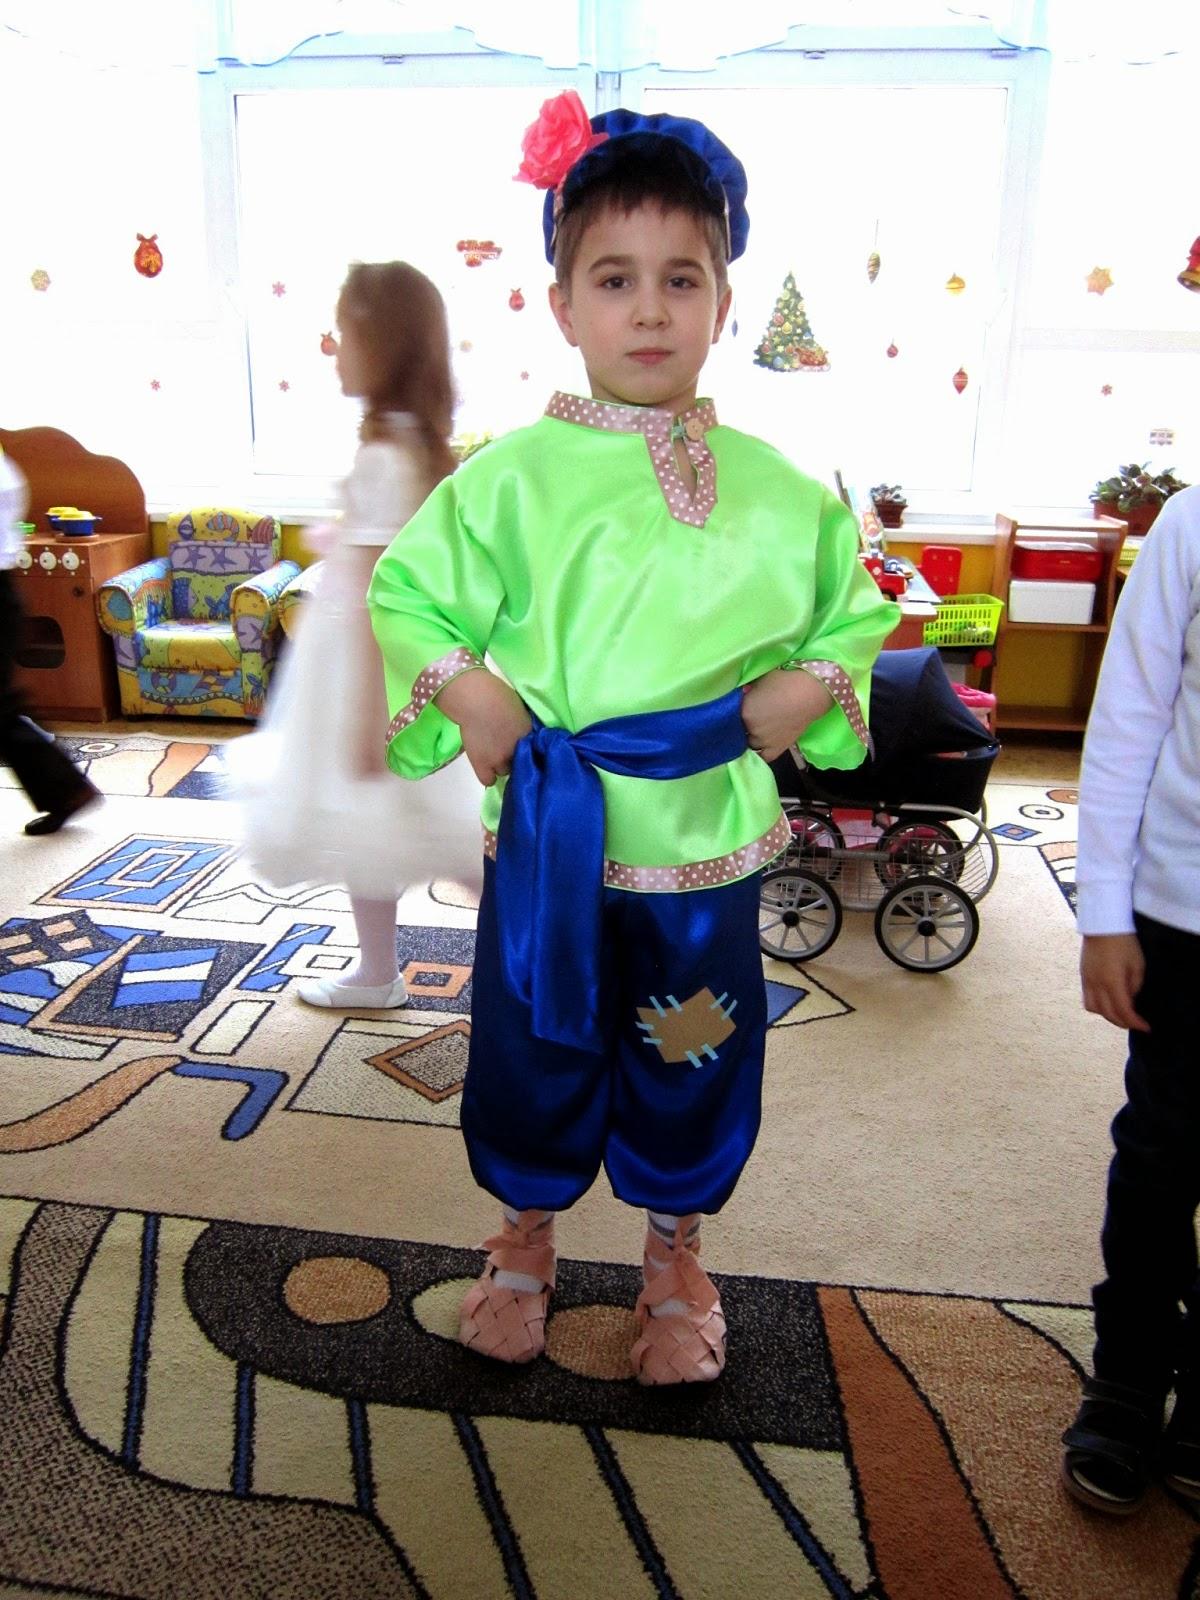 Костюм емели своими руками фото Фотоархив